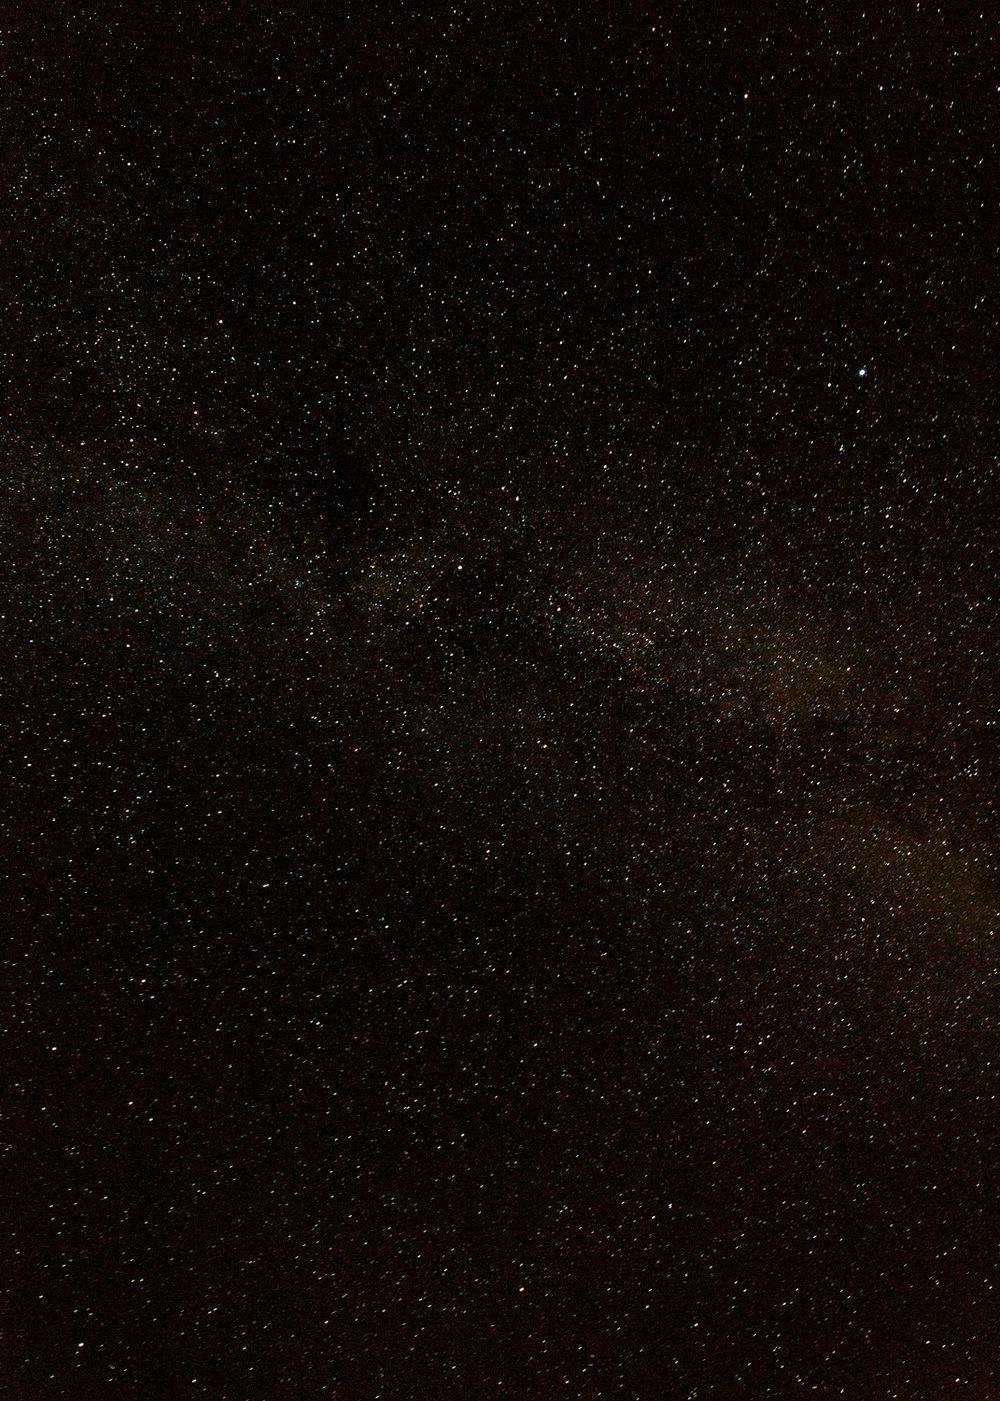 StarSky_10in.jpg